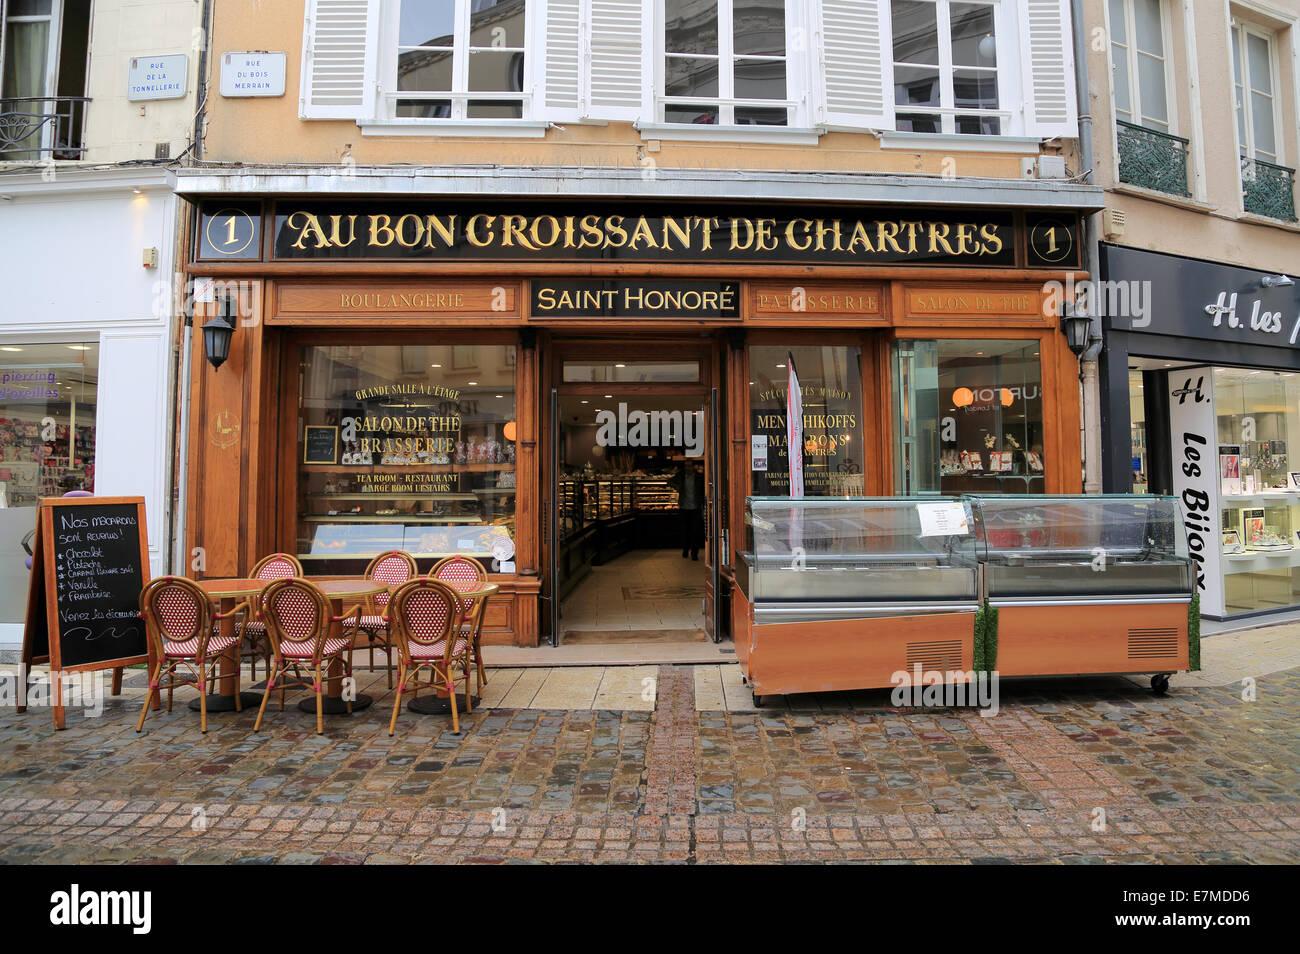 Cafe Saint Pierre Chartres